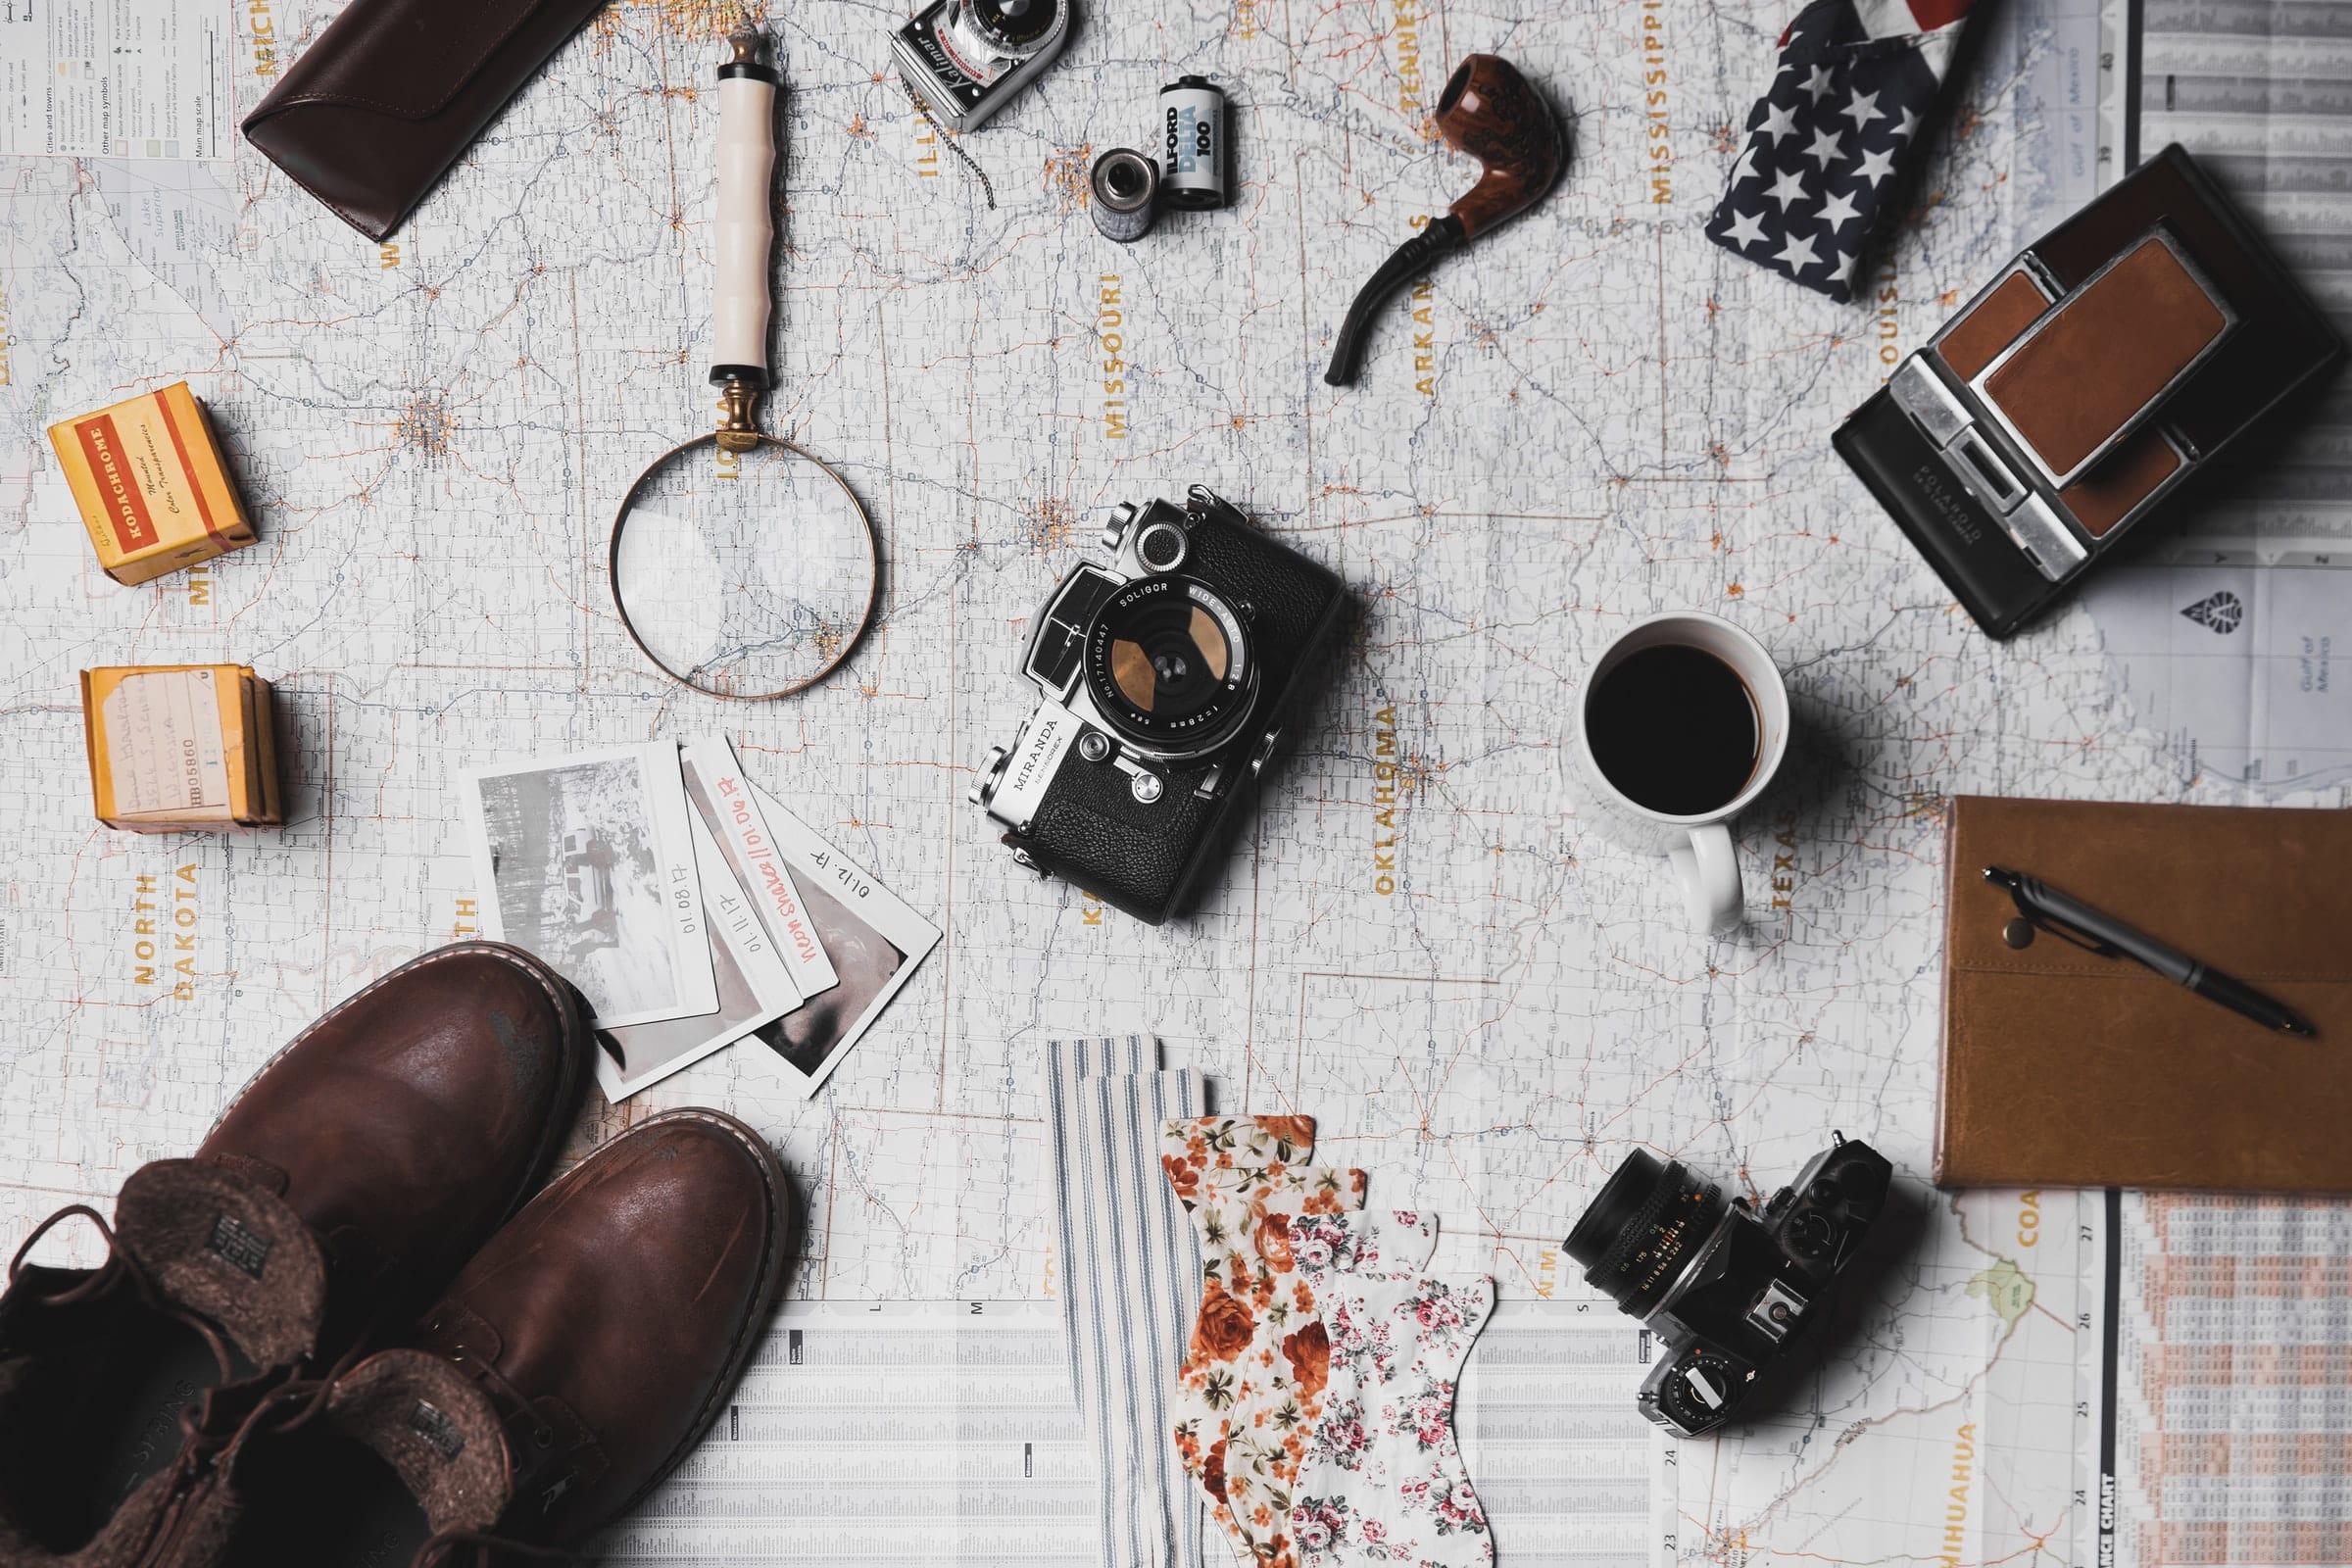 wereldreis plannen handleiding stappenplan